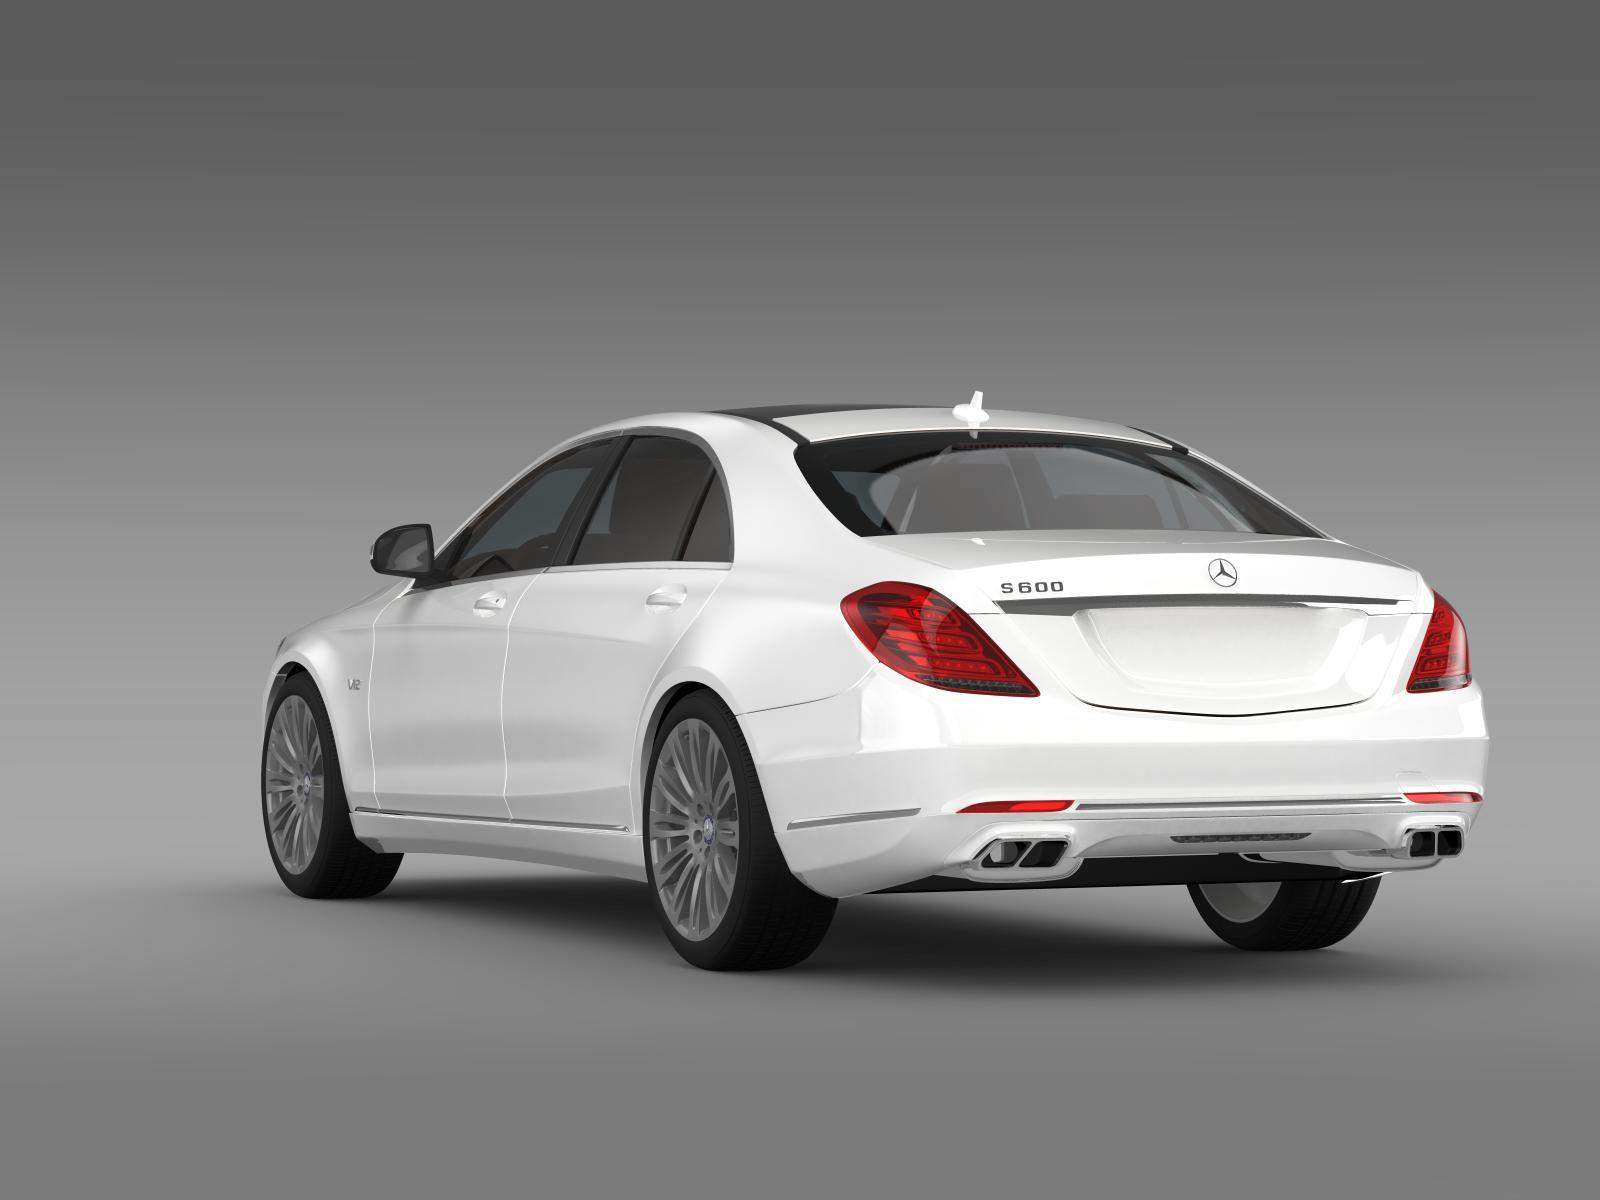 Mercedes benz s 600 v12 w222 2014 3d model buy mercedes for V12 mercedes benz